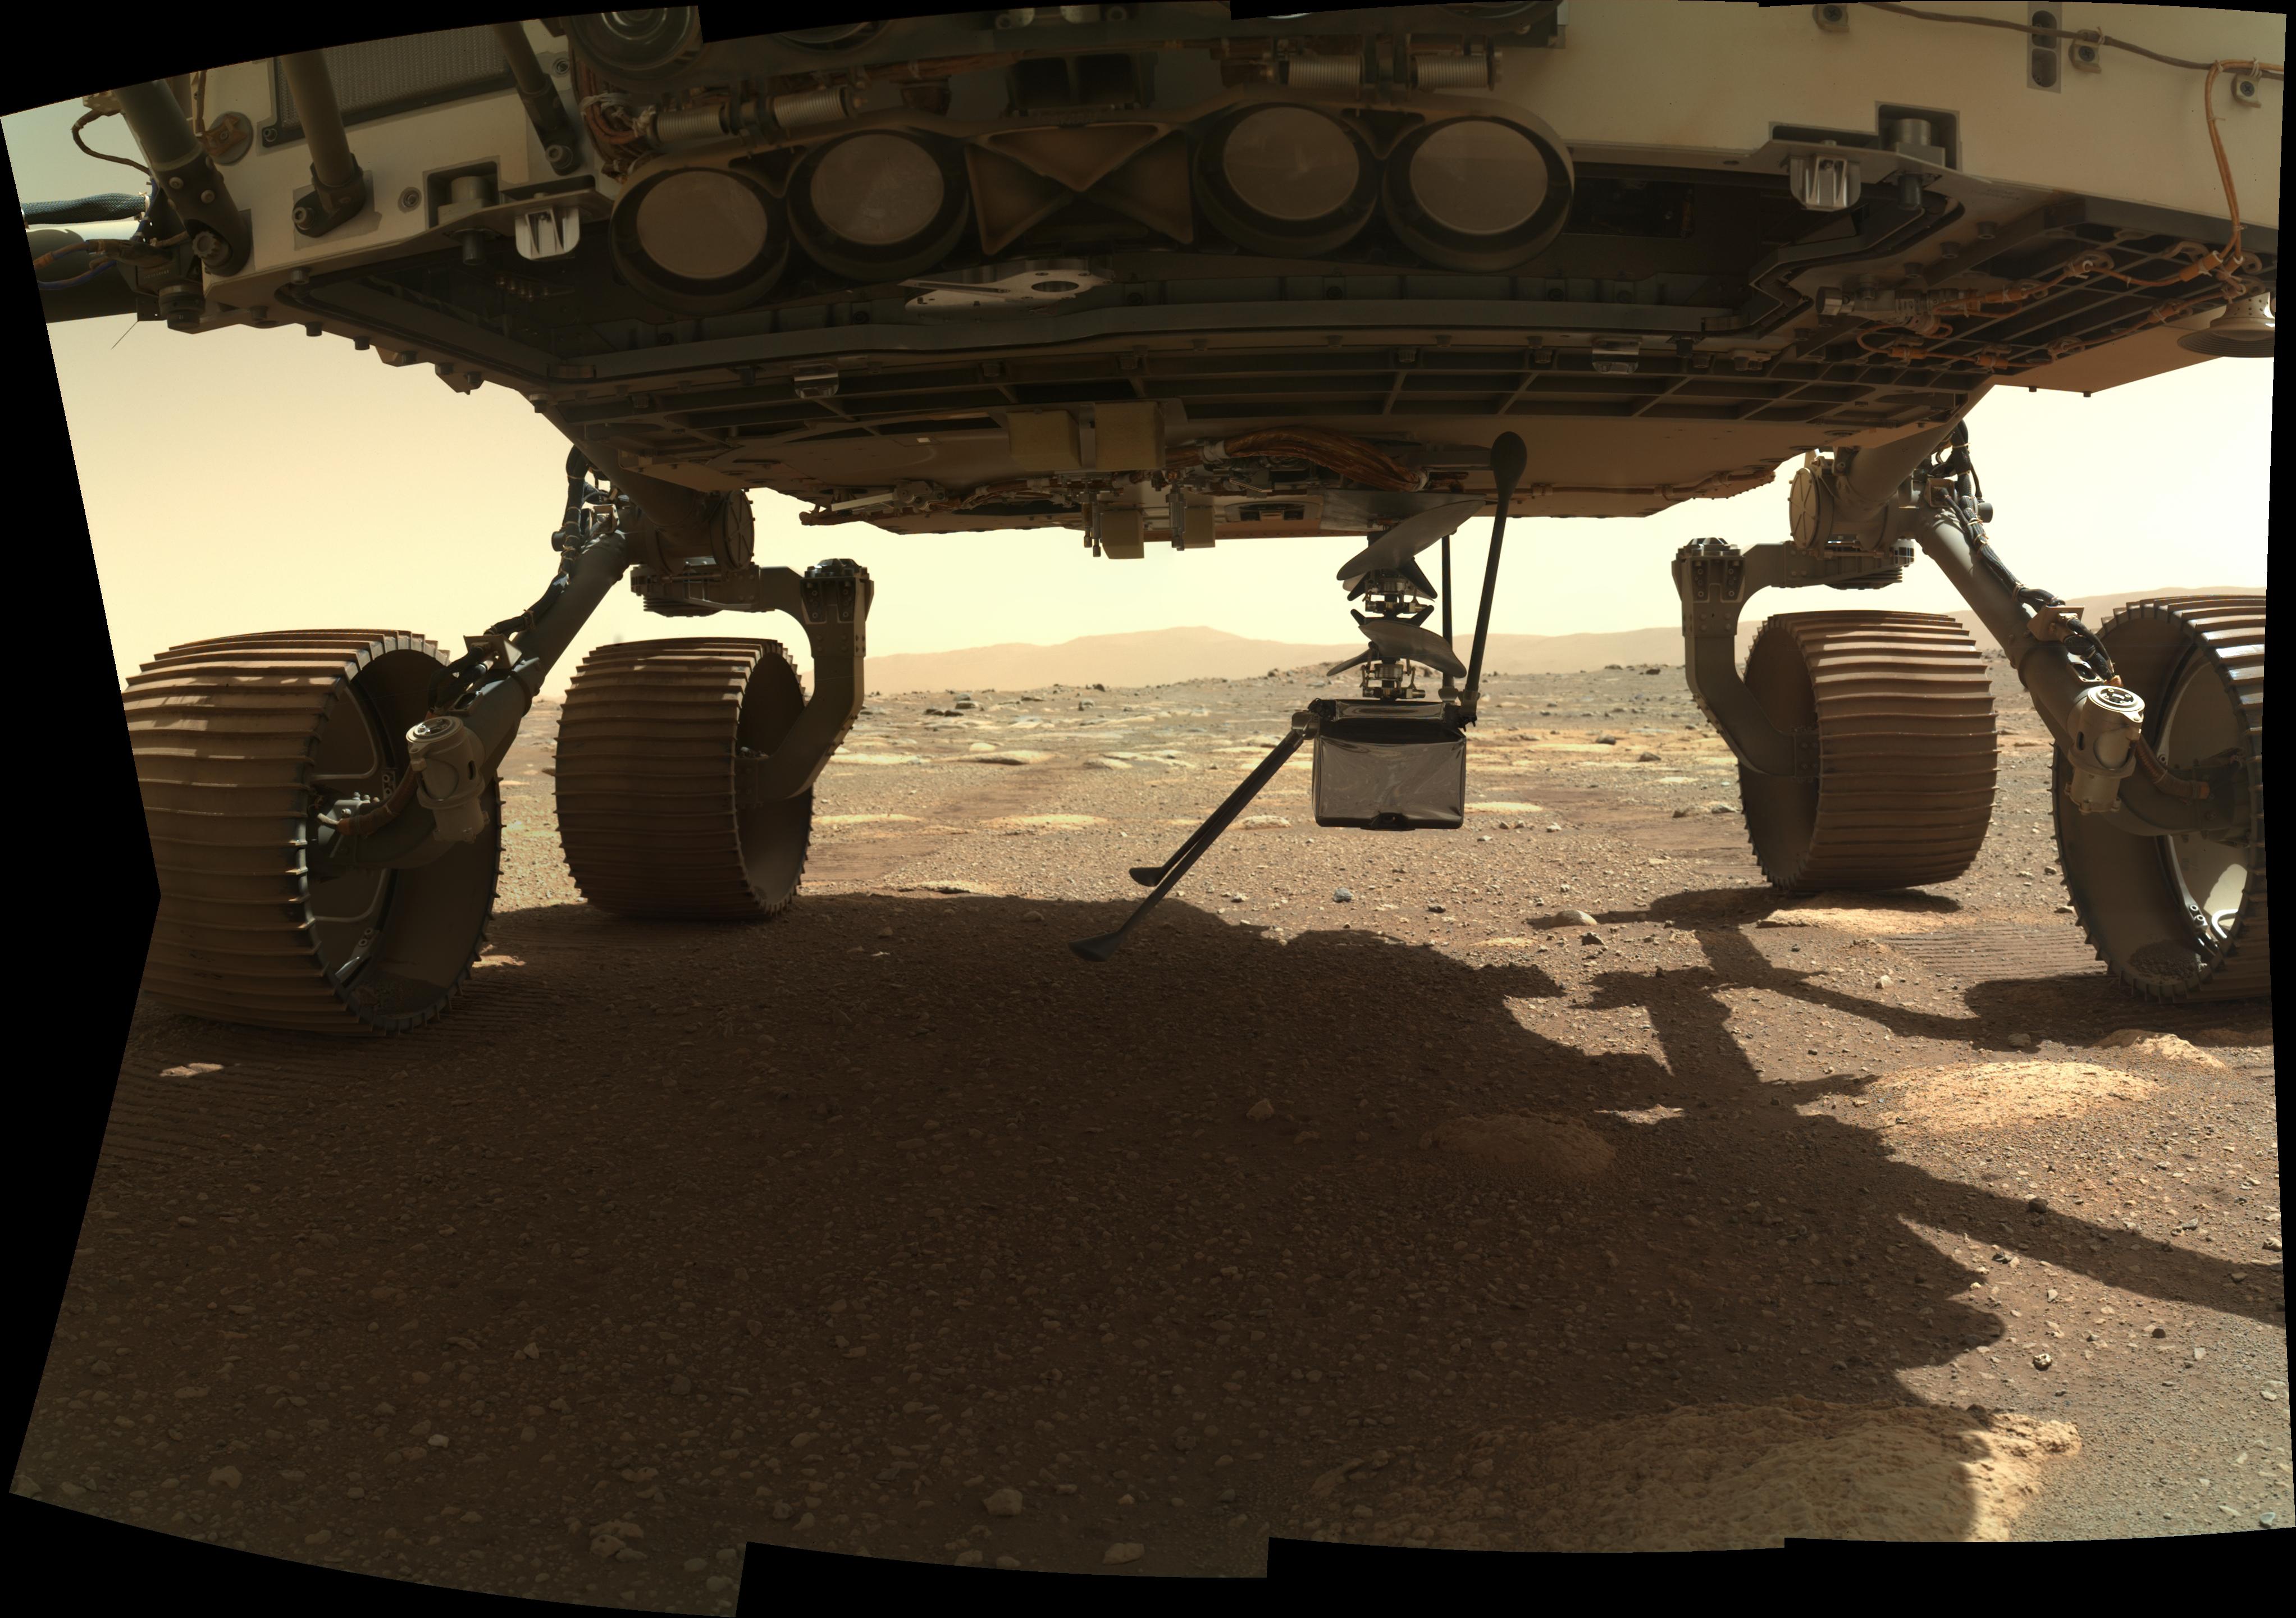 L'ingéniosité s'étend verticalement depuis le ventre du rover Perseverance le 29 mars 2021, dans cette image prise par la caméra WATSON sur l'instrument SHERLOC, situé à l'extrémité du bras robotique du rover.